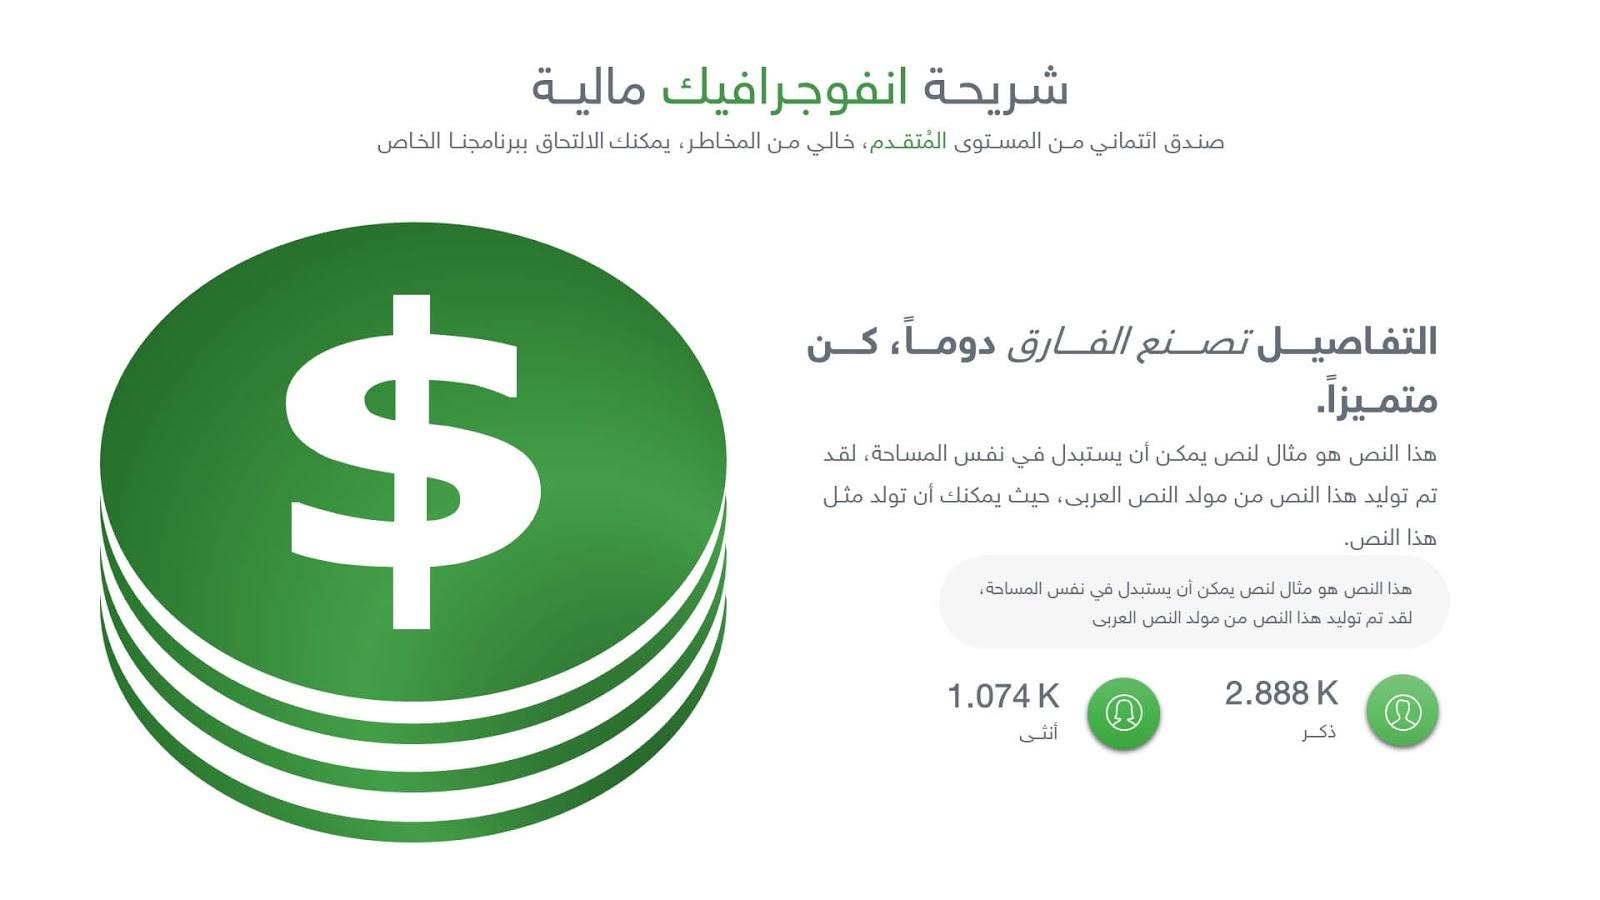 عرض بوربوينت عن المال والاستثمار